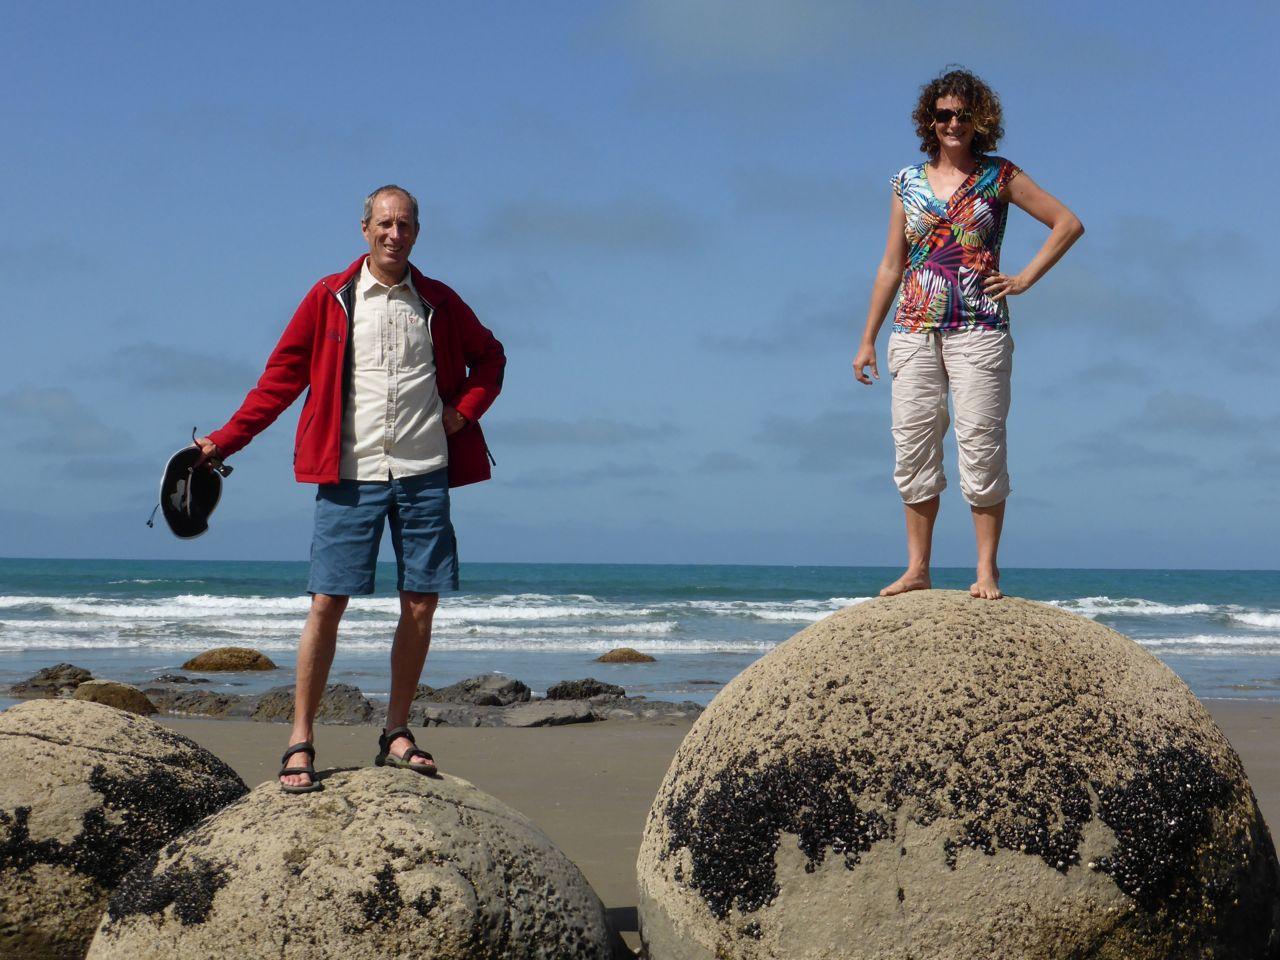 Gekke mensen boven op gekke ronde bolders op het strand